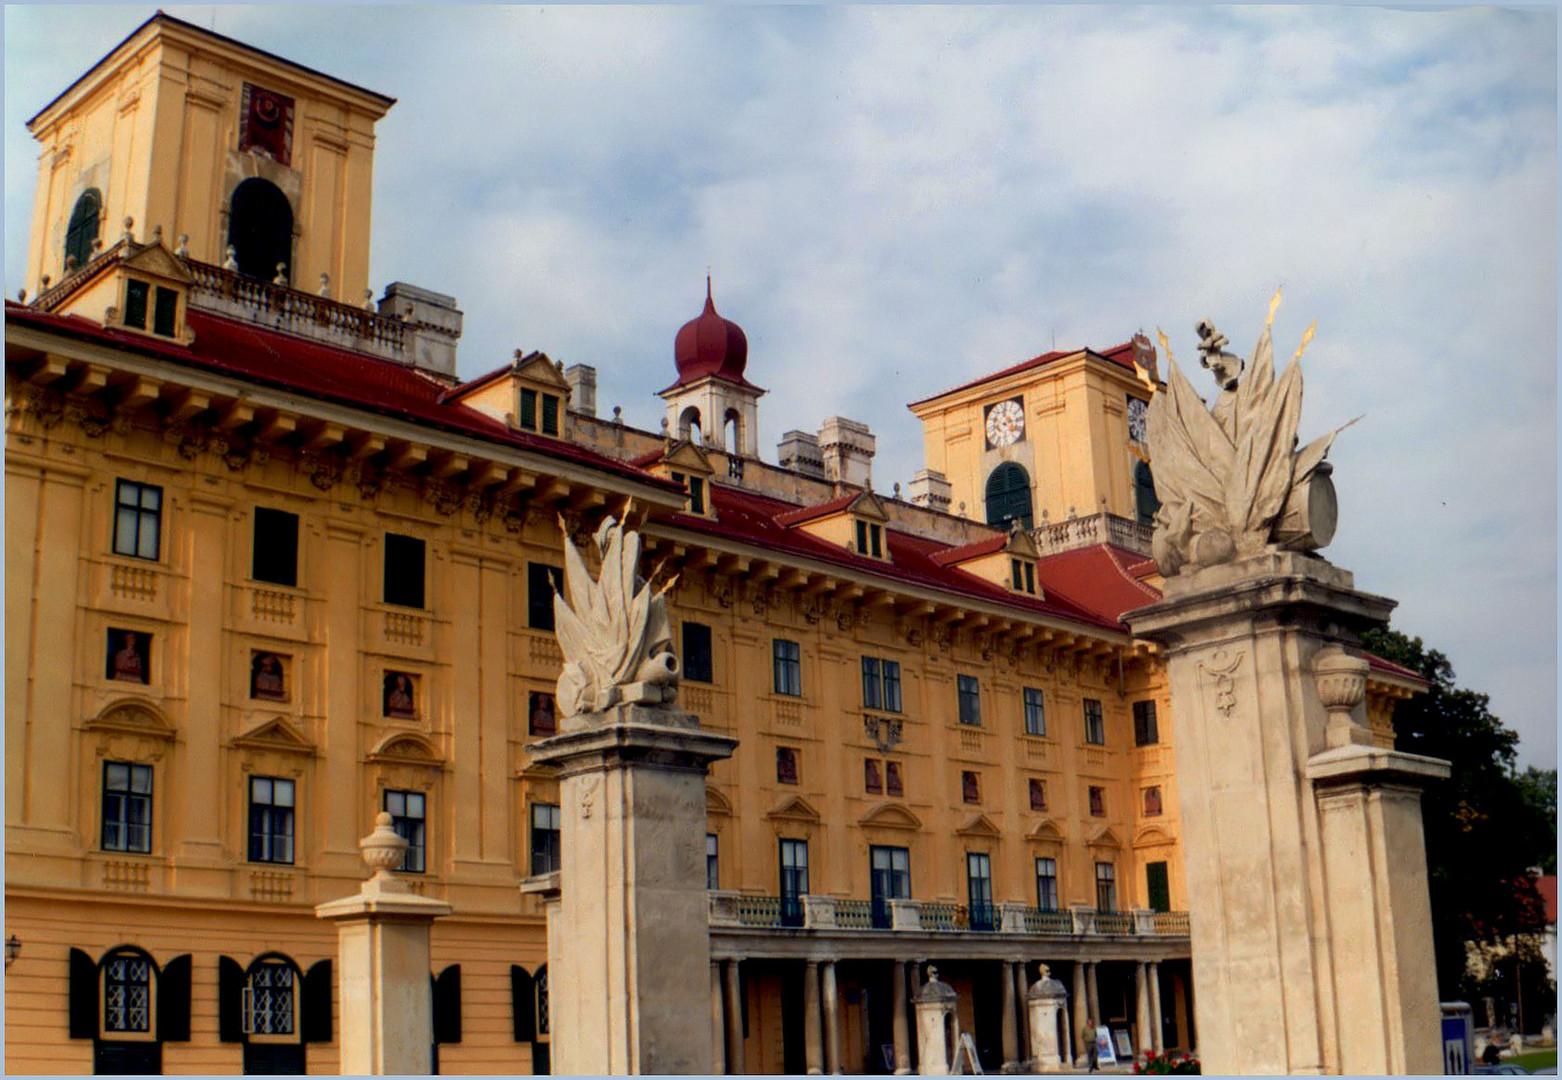 THE ESZTERHAZY PALACE - EISENSTADT - AUSTRIA